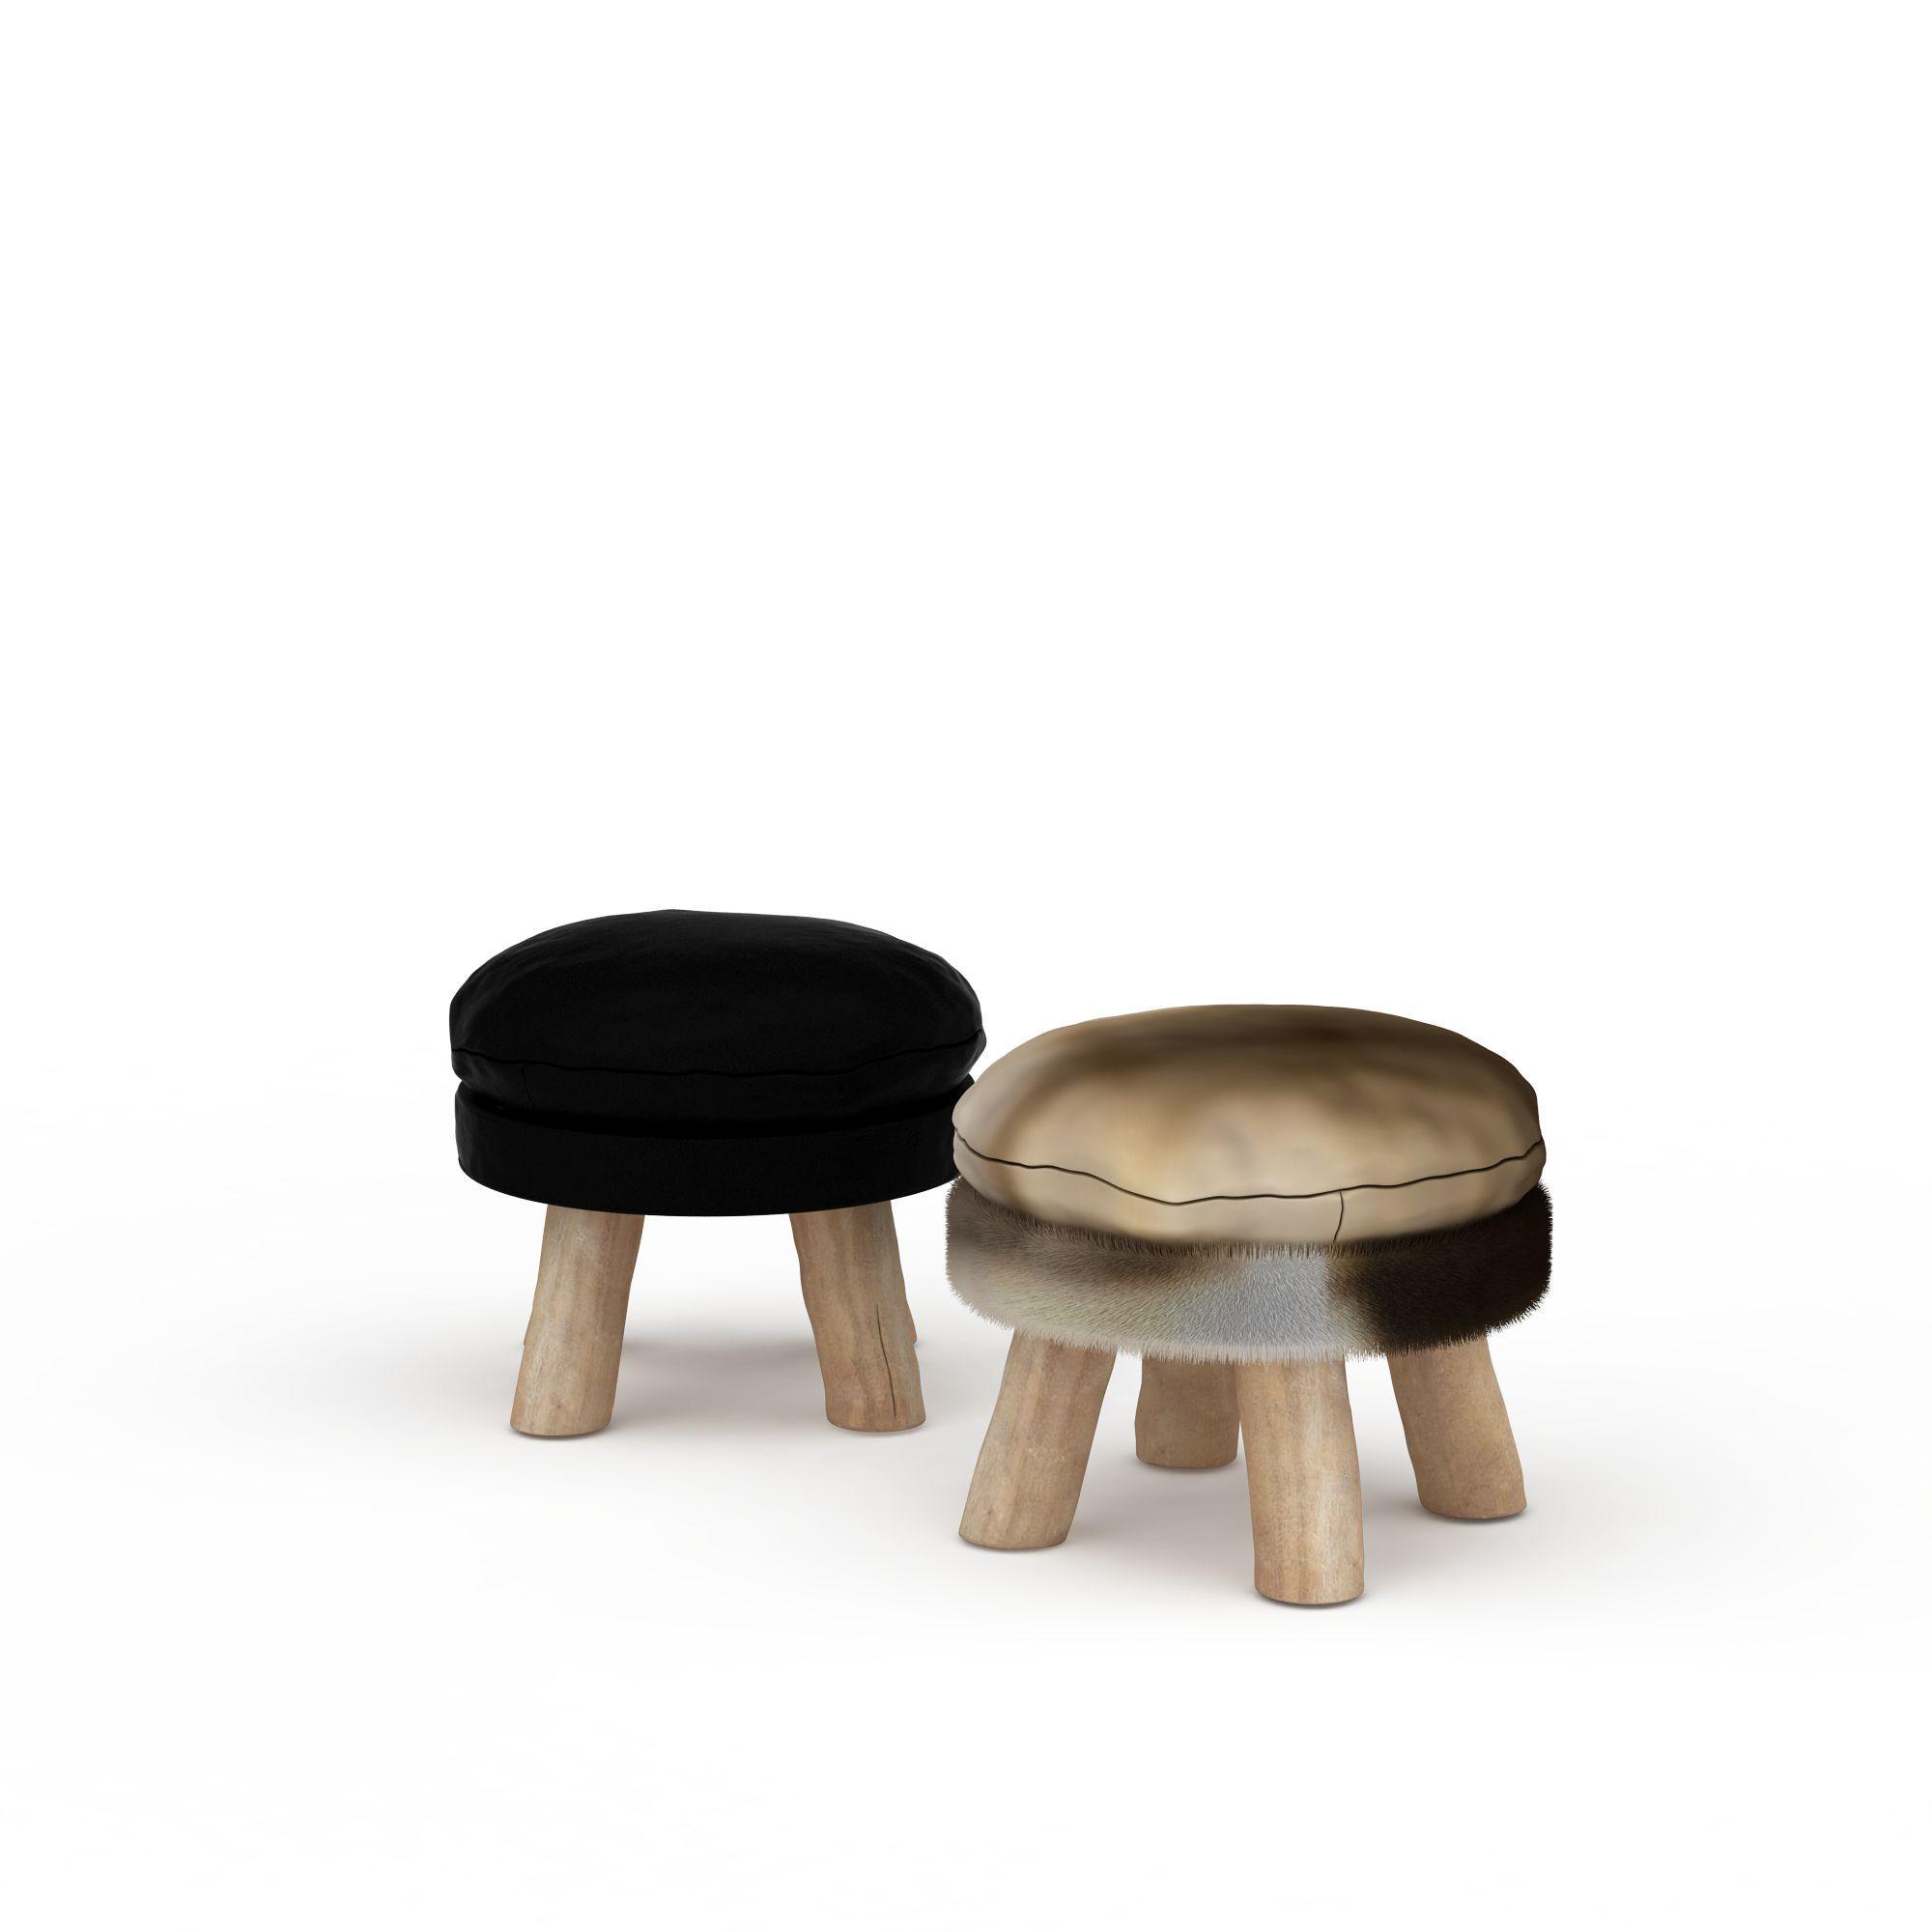 家具组合 凳 休息凳子3d模型 休息凳子png高清图